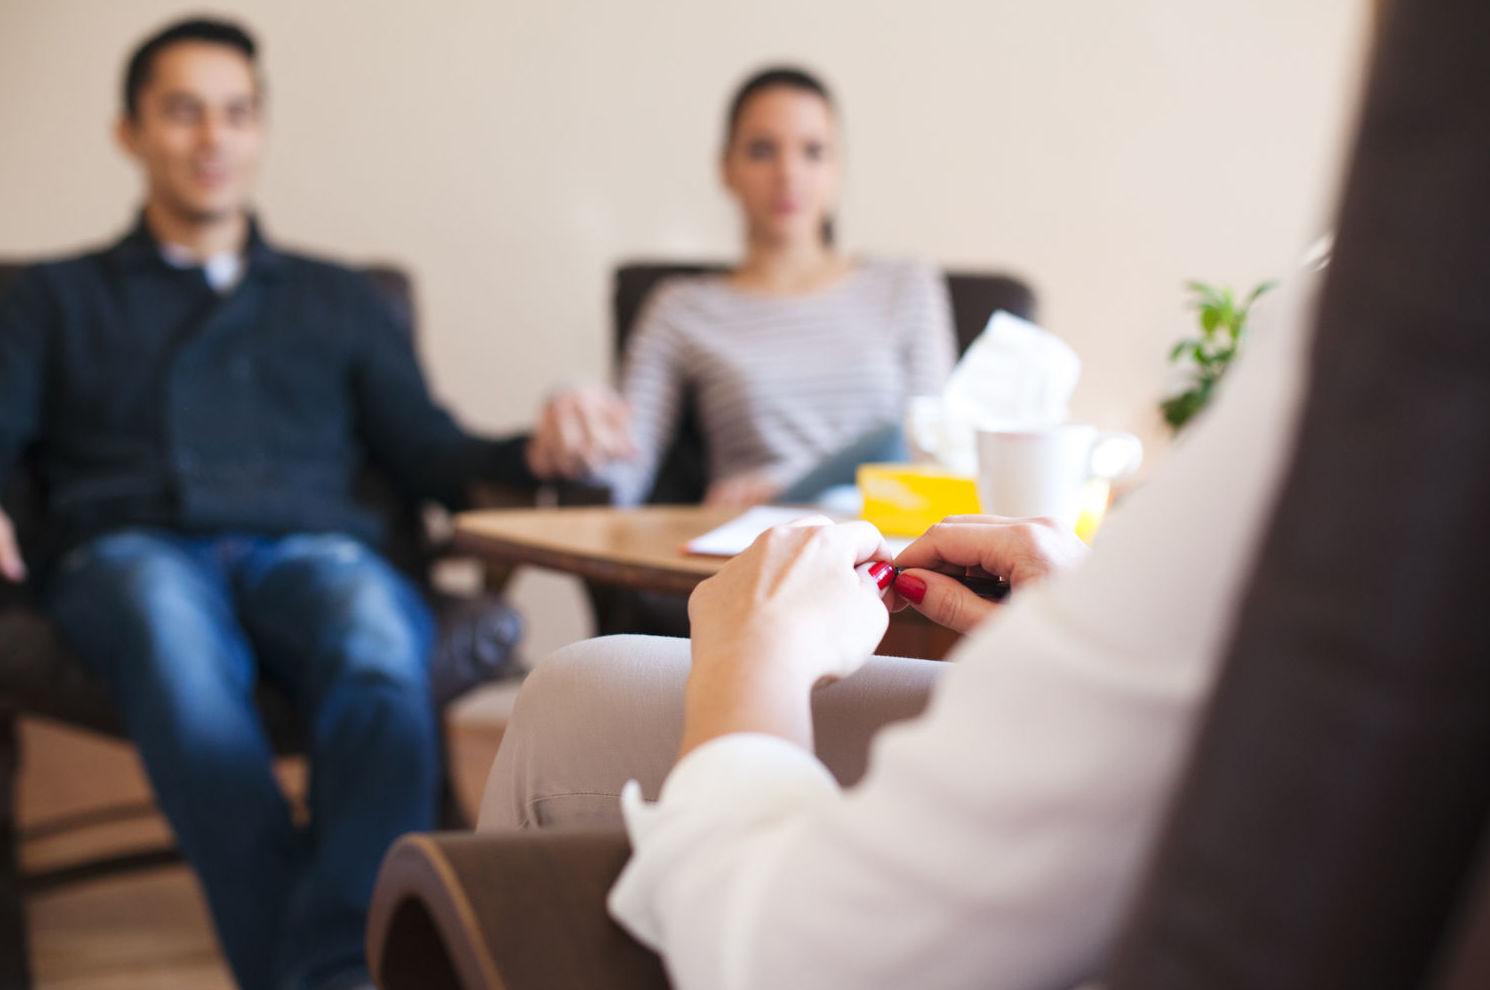 Terapia de parejas en Palma de Mallorca